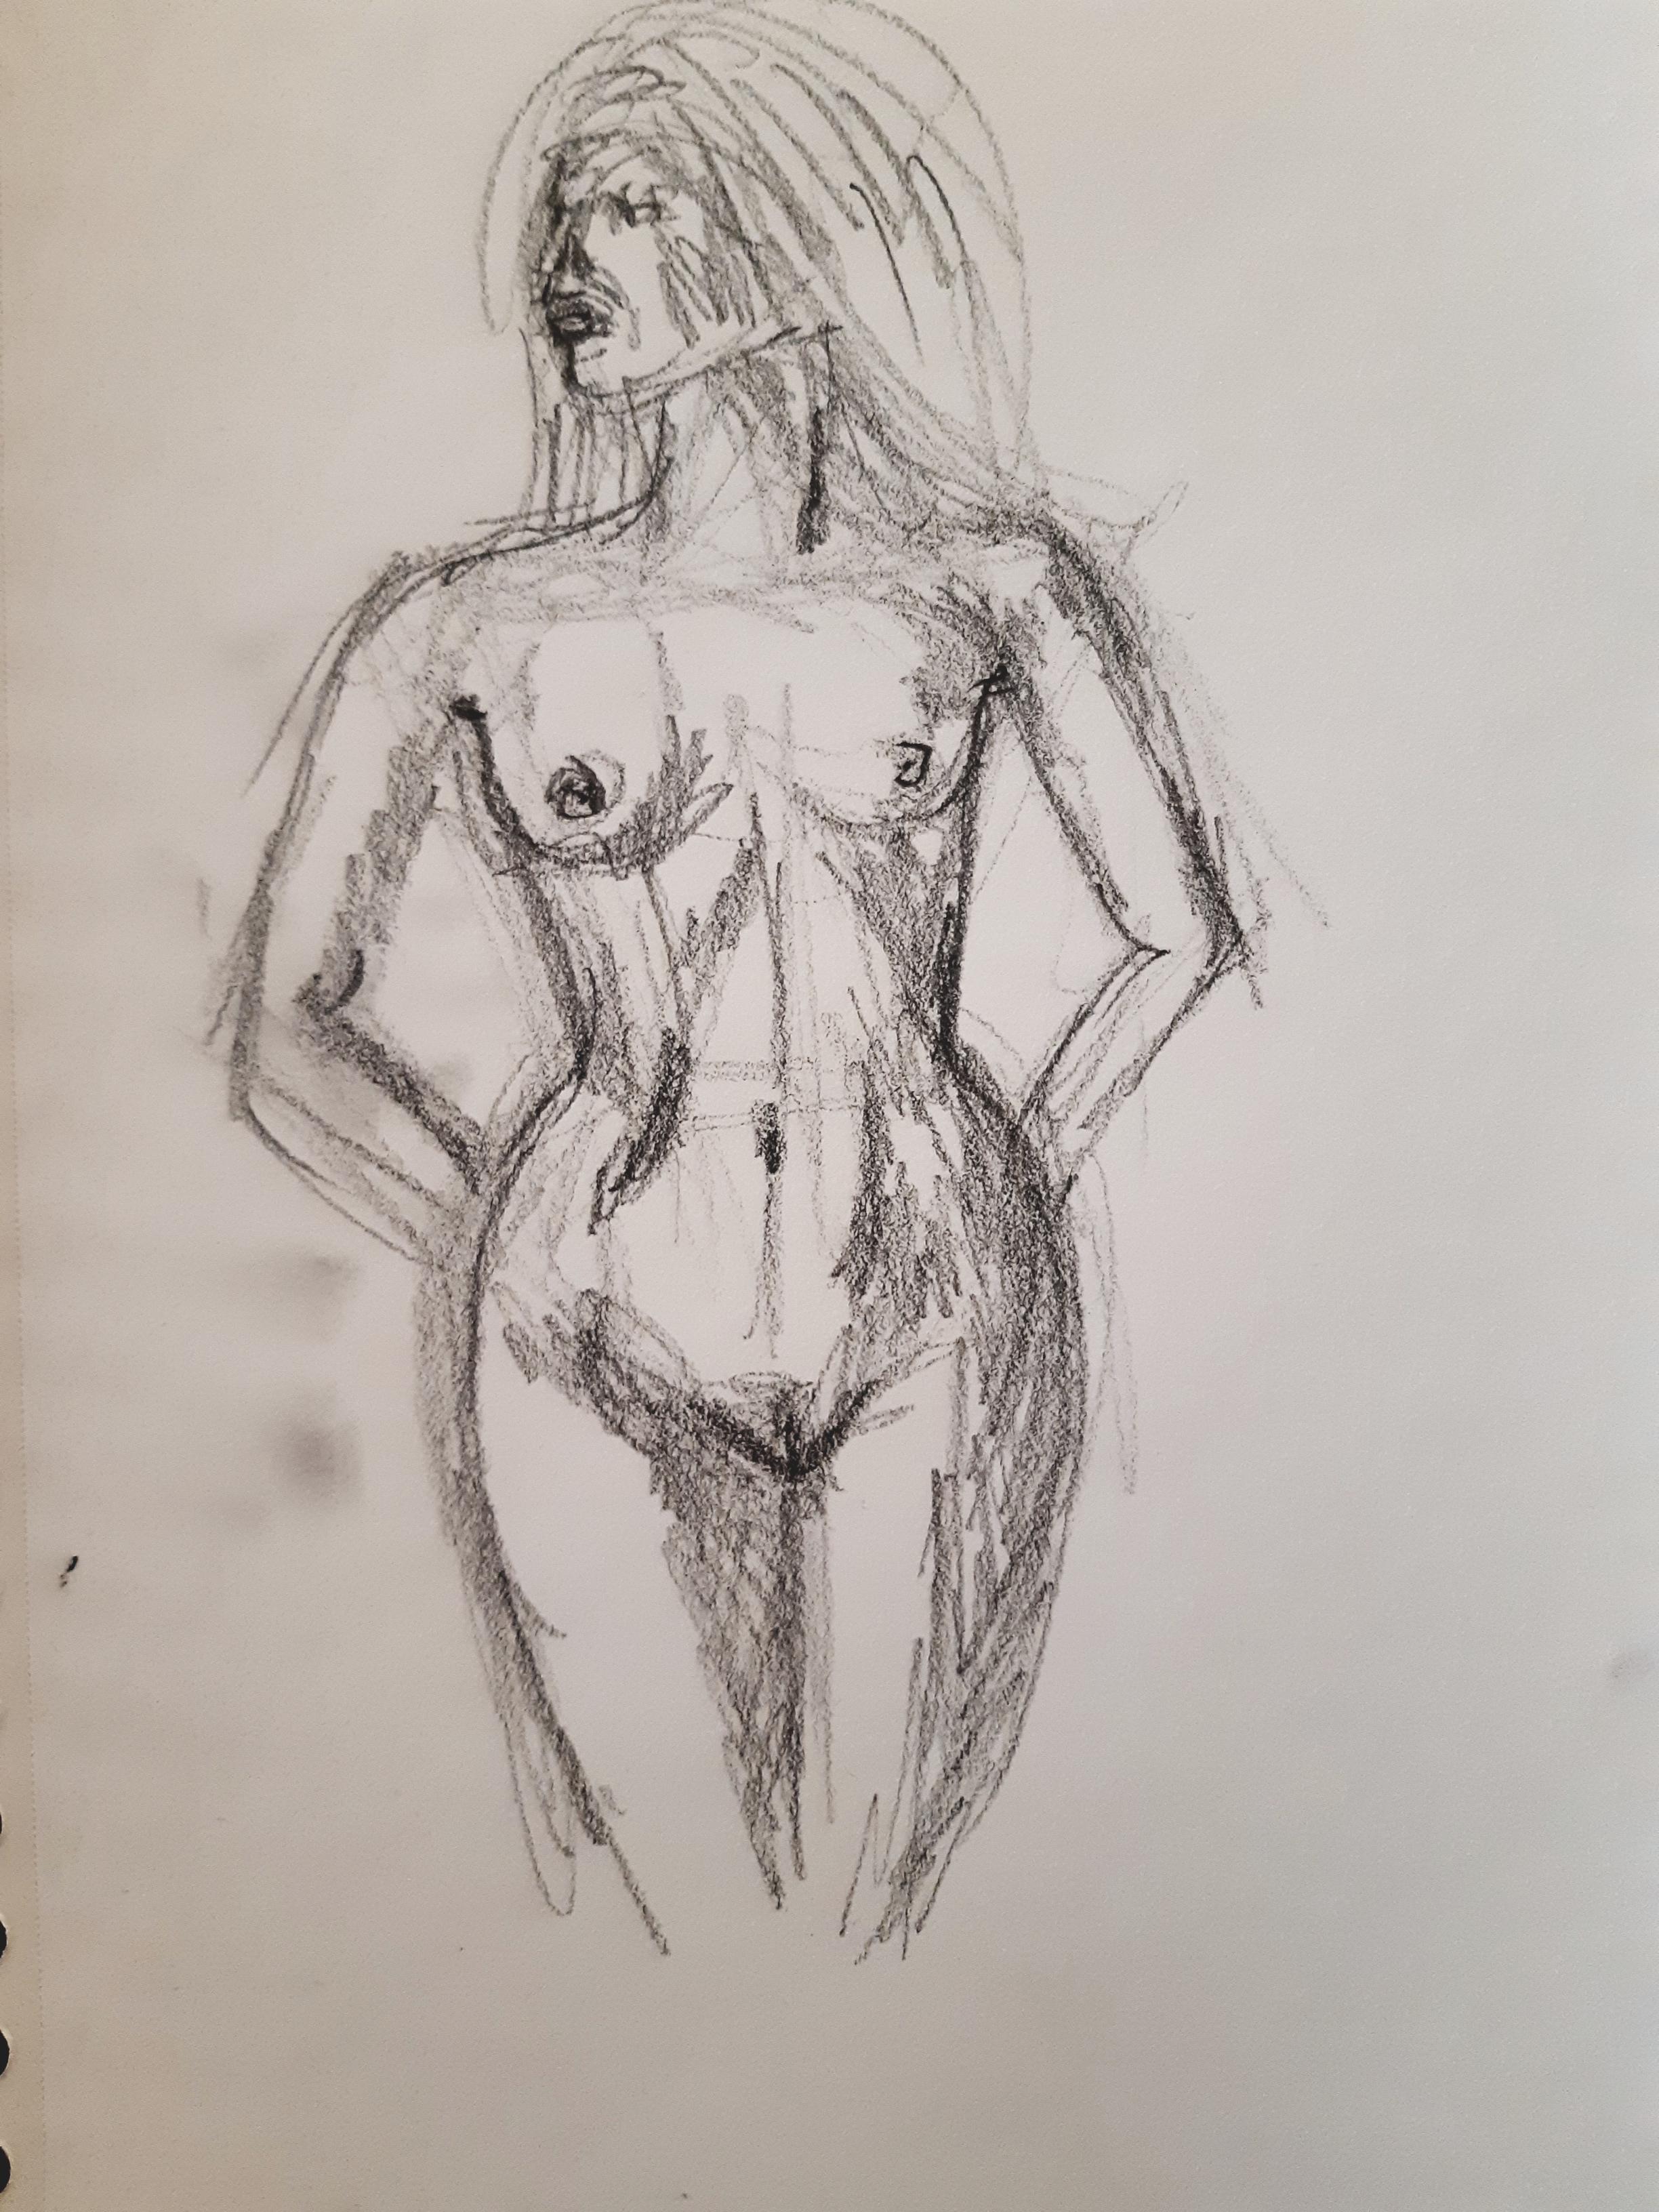 Dessin crayon papier hachures femme buste face  cours de dessin